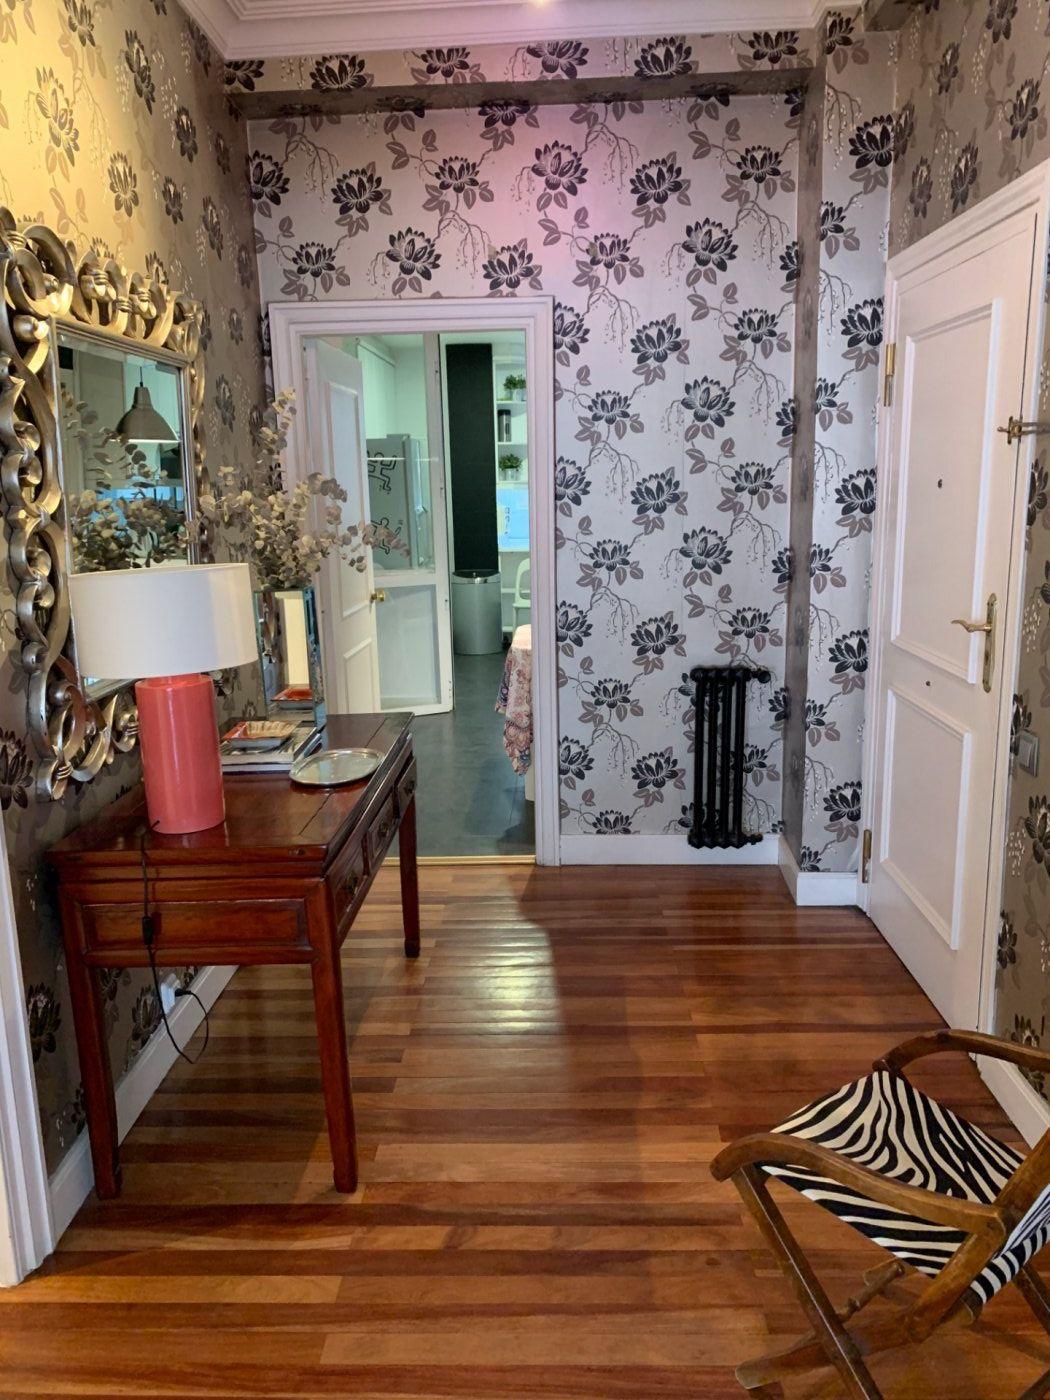 Venta de piso en madrid - imagenInmueble17